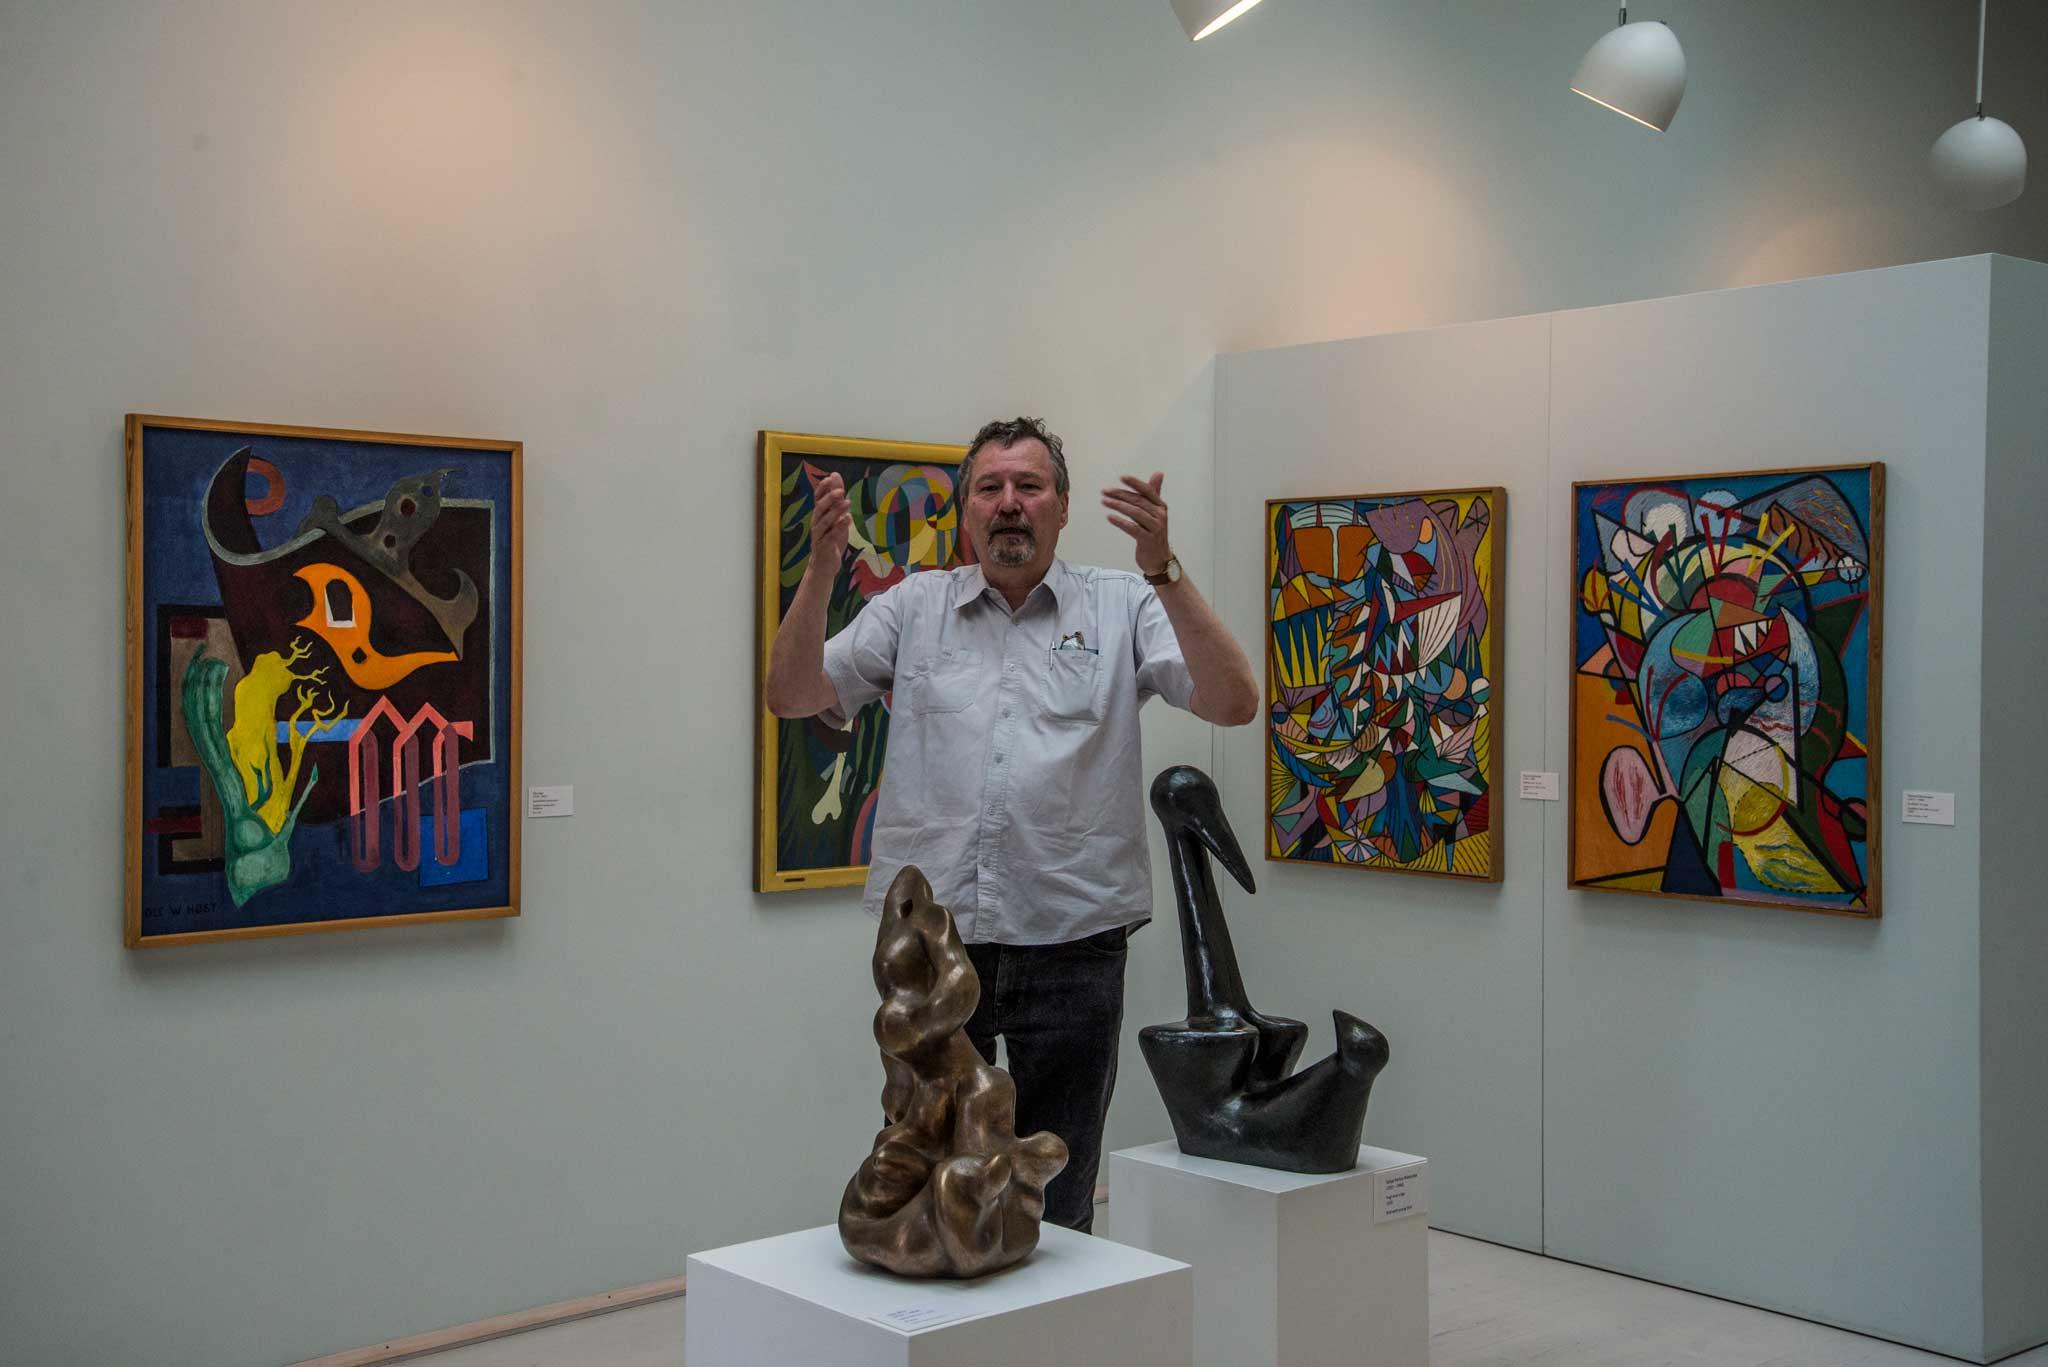 Bornholms Kunstmuseum har en stor samling av både lokale og internasjonale kunstnere